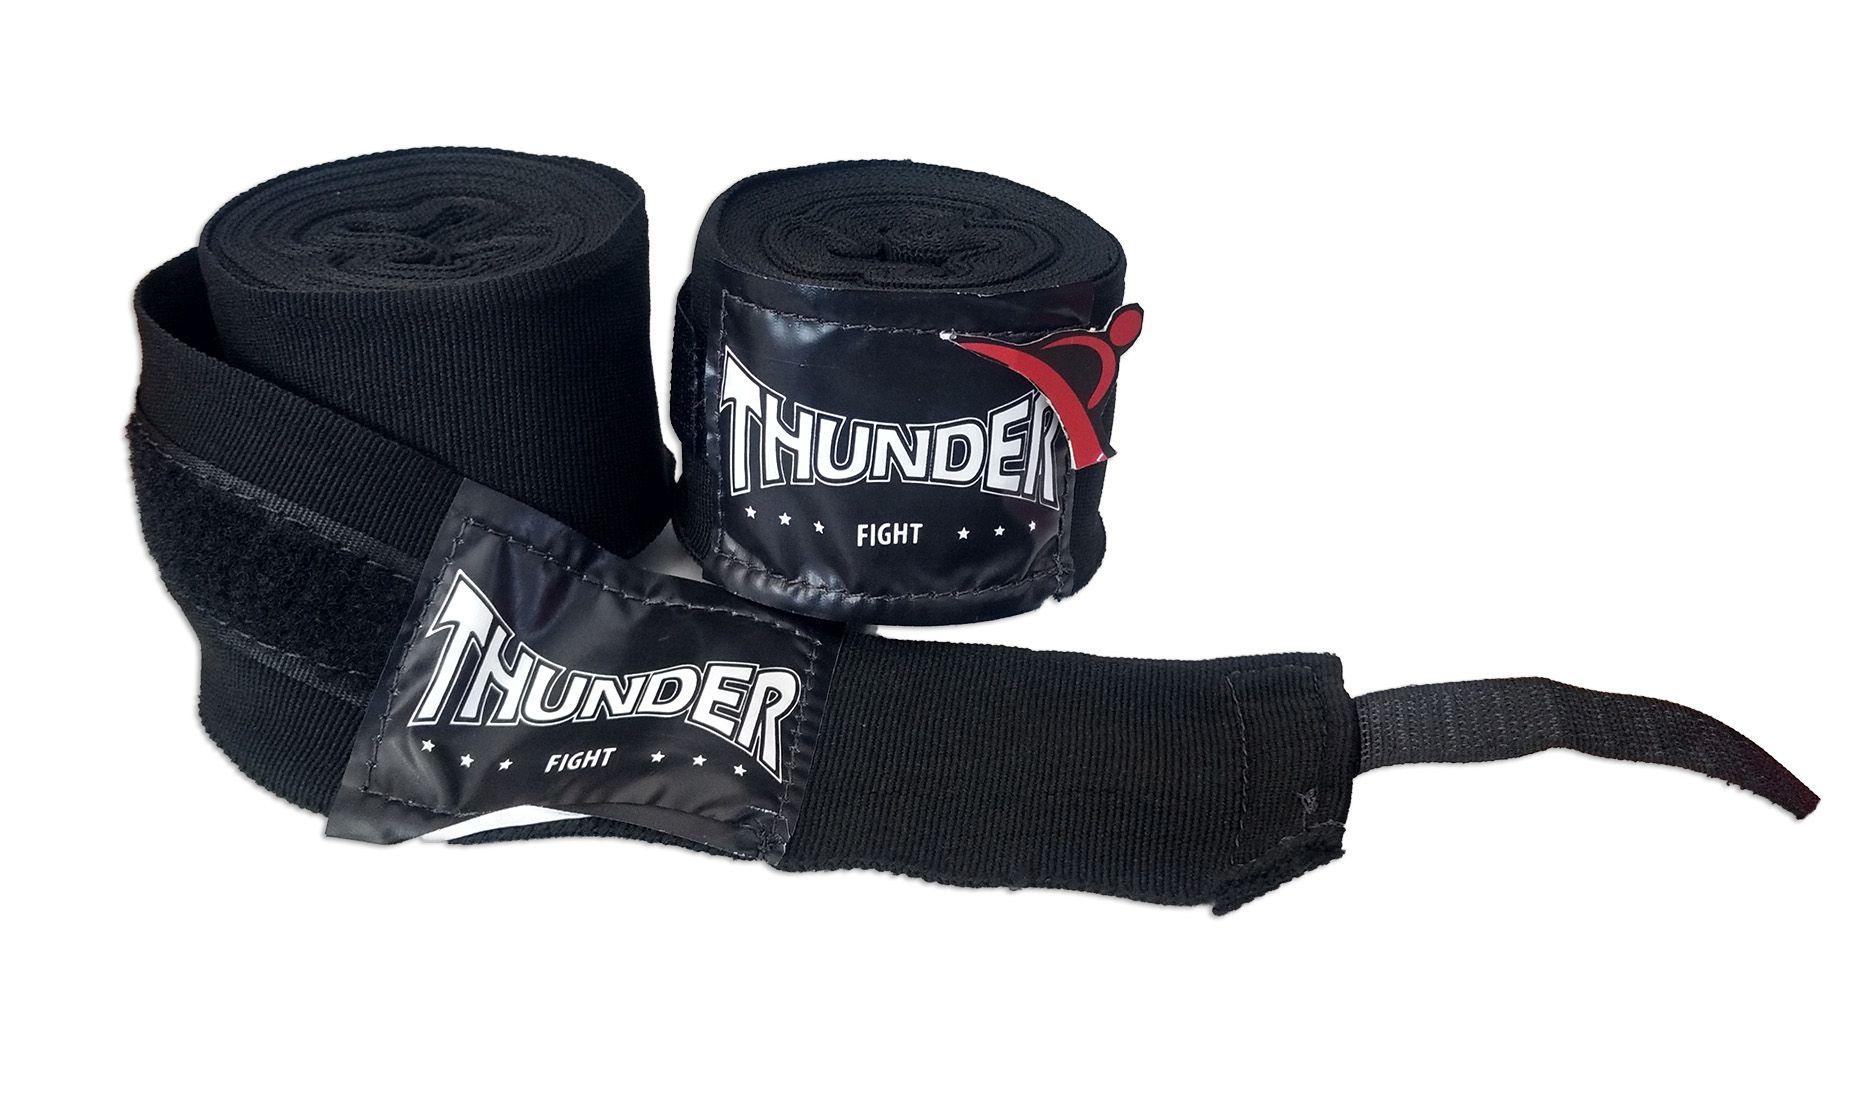 Par De Bandagem Atadura Elástica 4 Metros Muay Thai Boxe - Preto - Thunder Fight  - PRALUTA SHOP